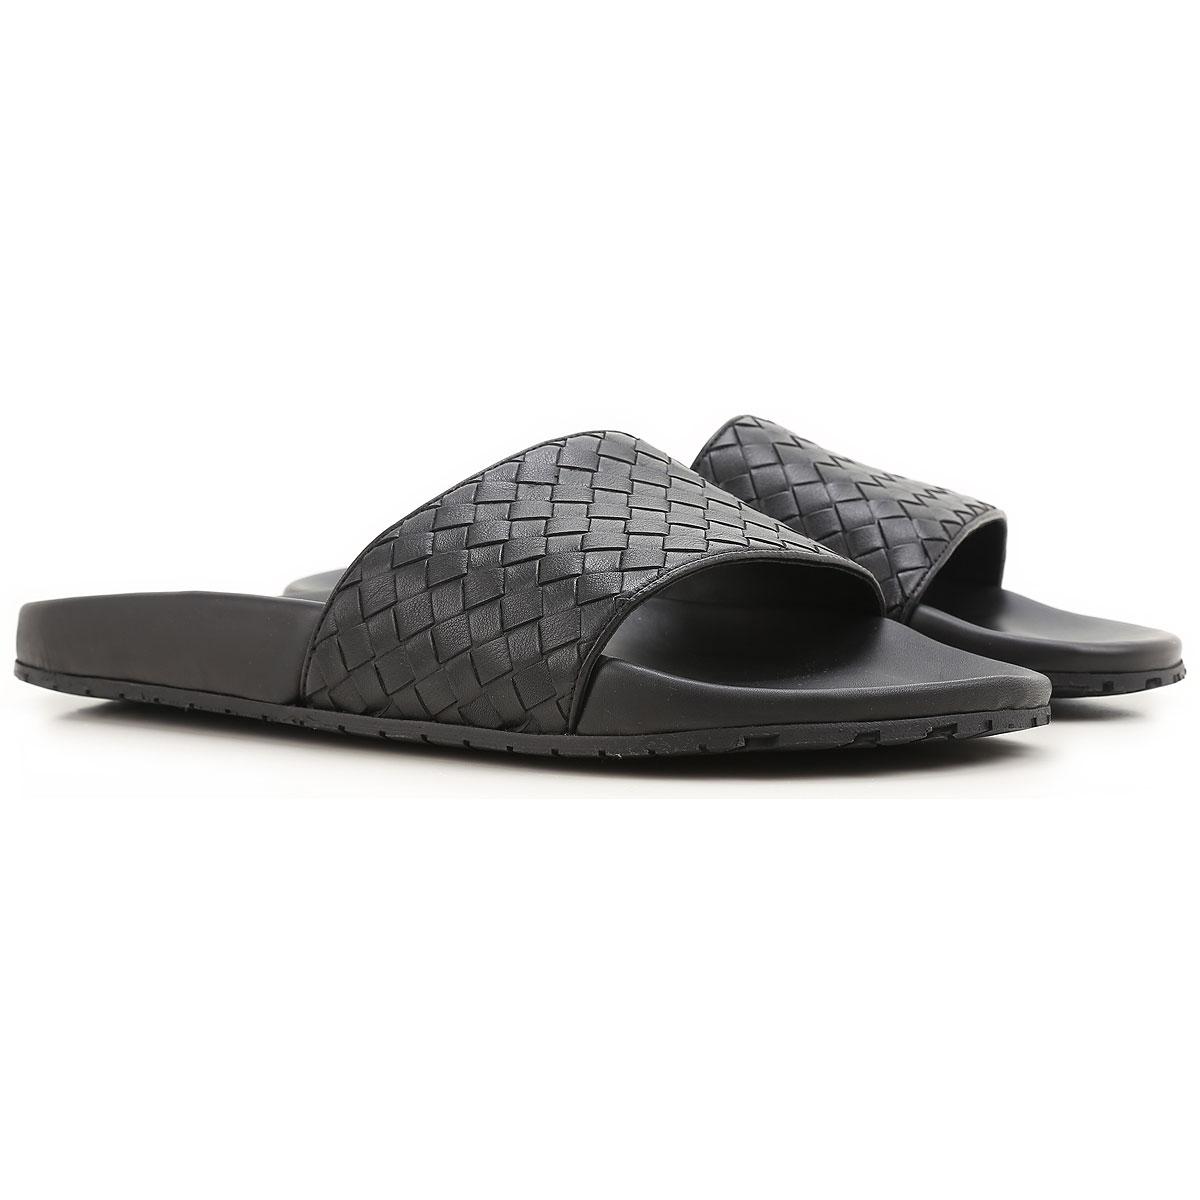 Mens Shoes Bottega Veneta, Style code